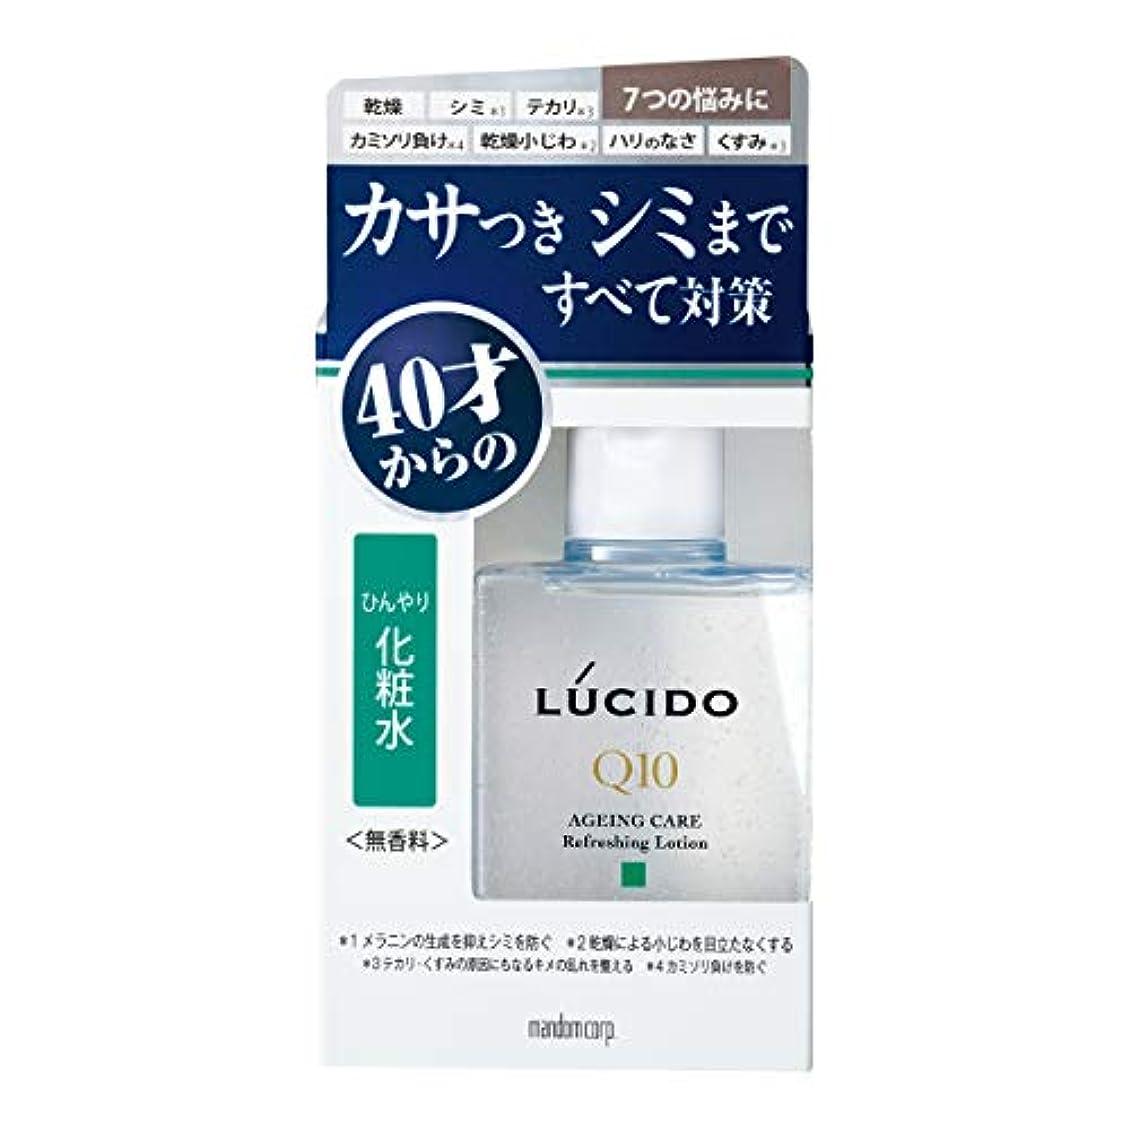 超えるファンドそうルシード(LUCIDO)薬用 トータルケアひんやり化粧水 メンズ スキンケア さっぱり 110ml(医薬部外品)